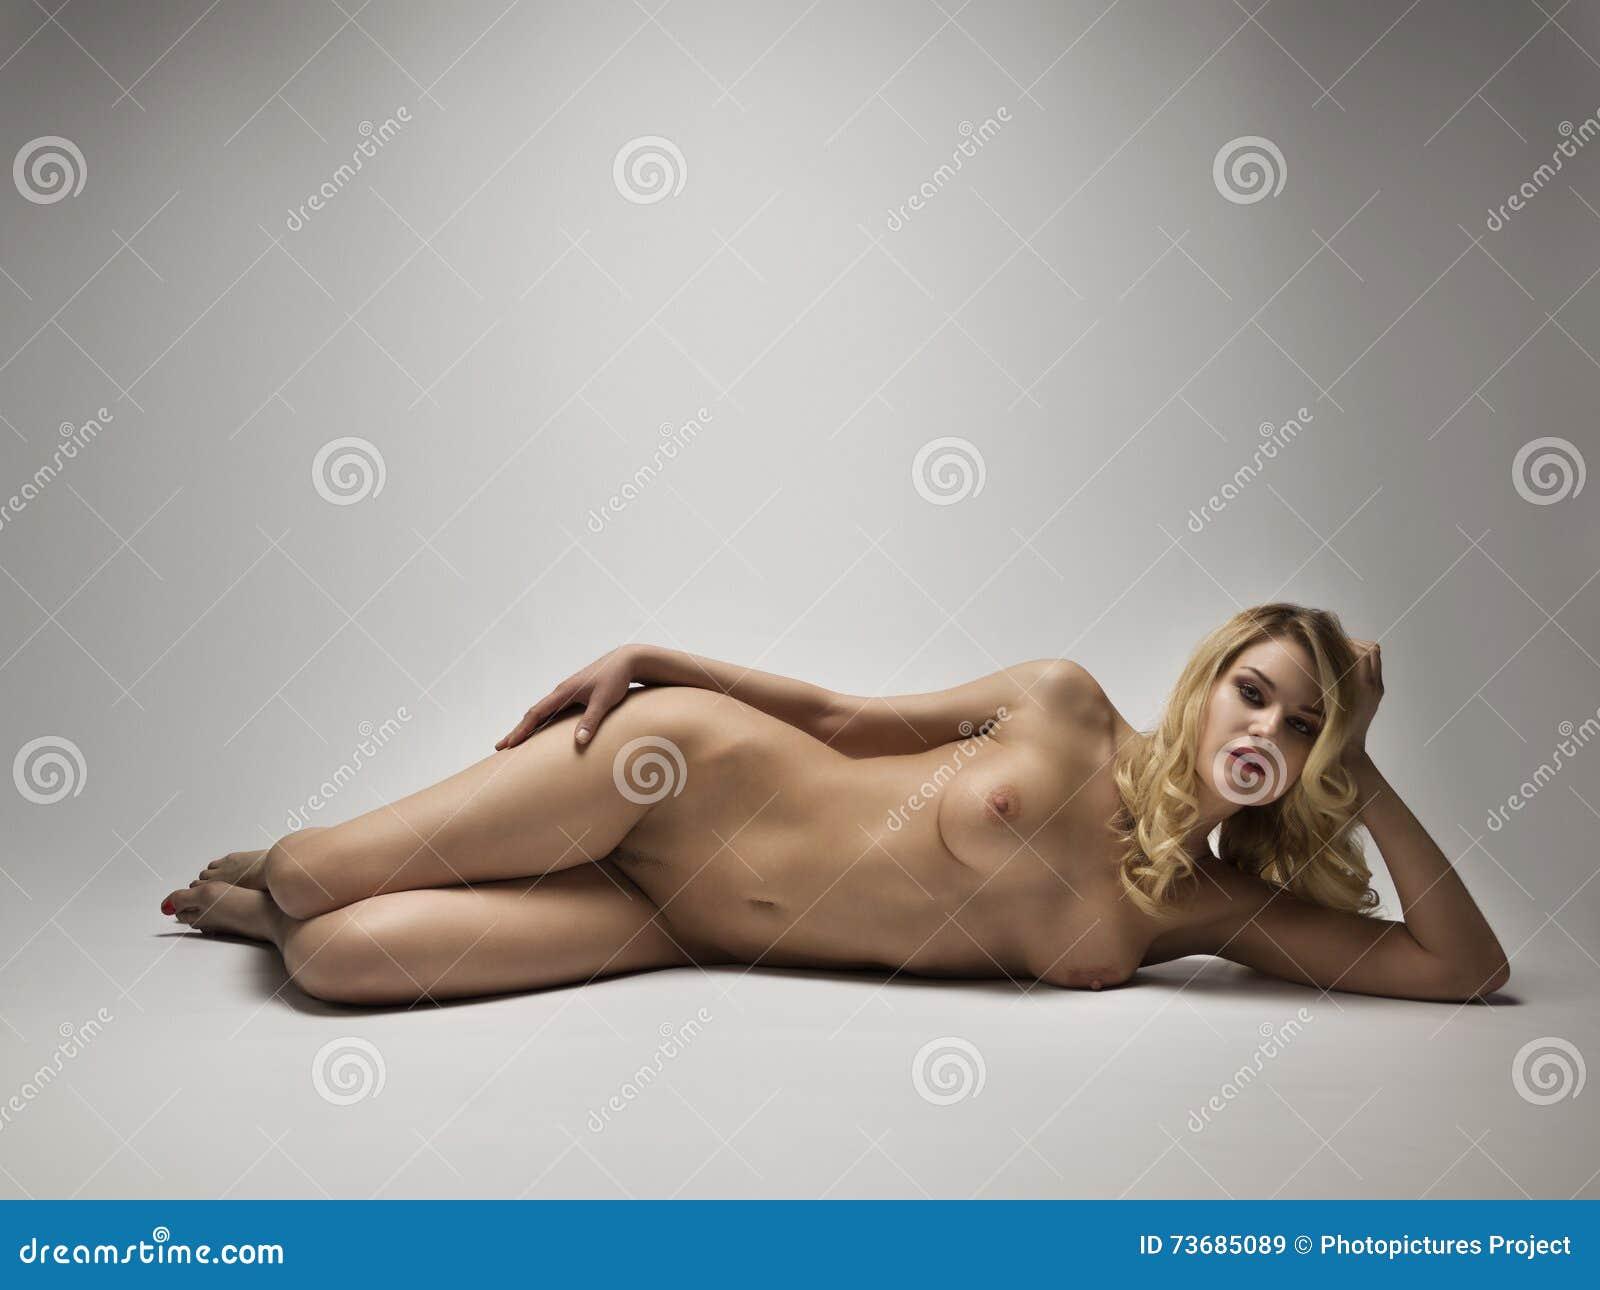 Kristin kreuk pussy